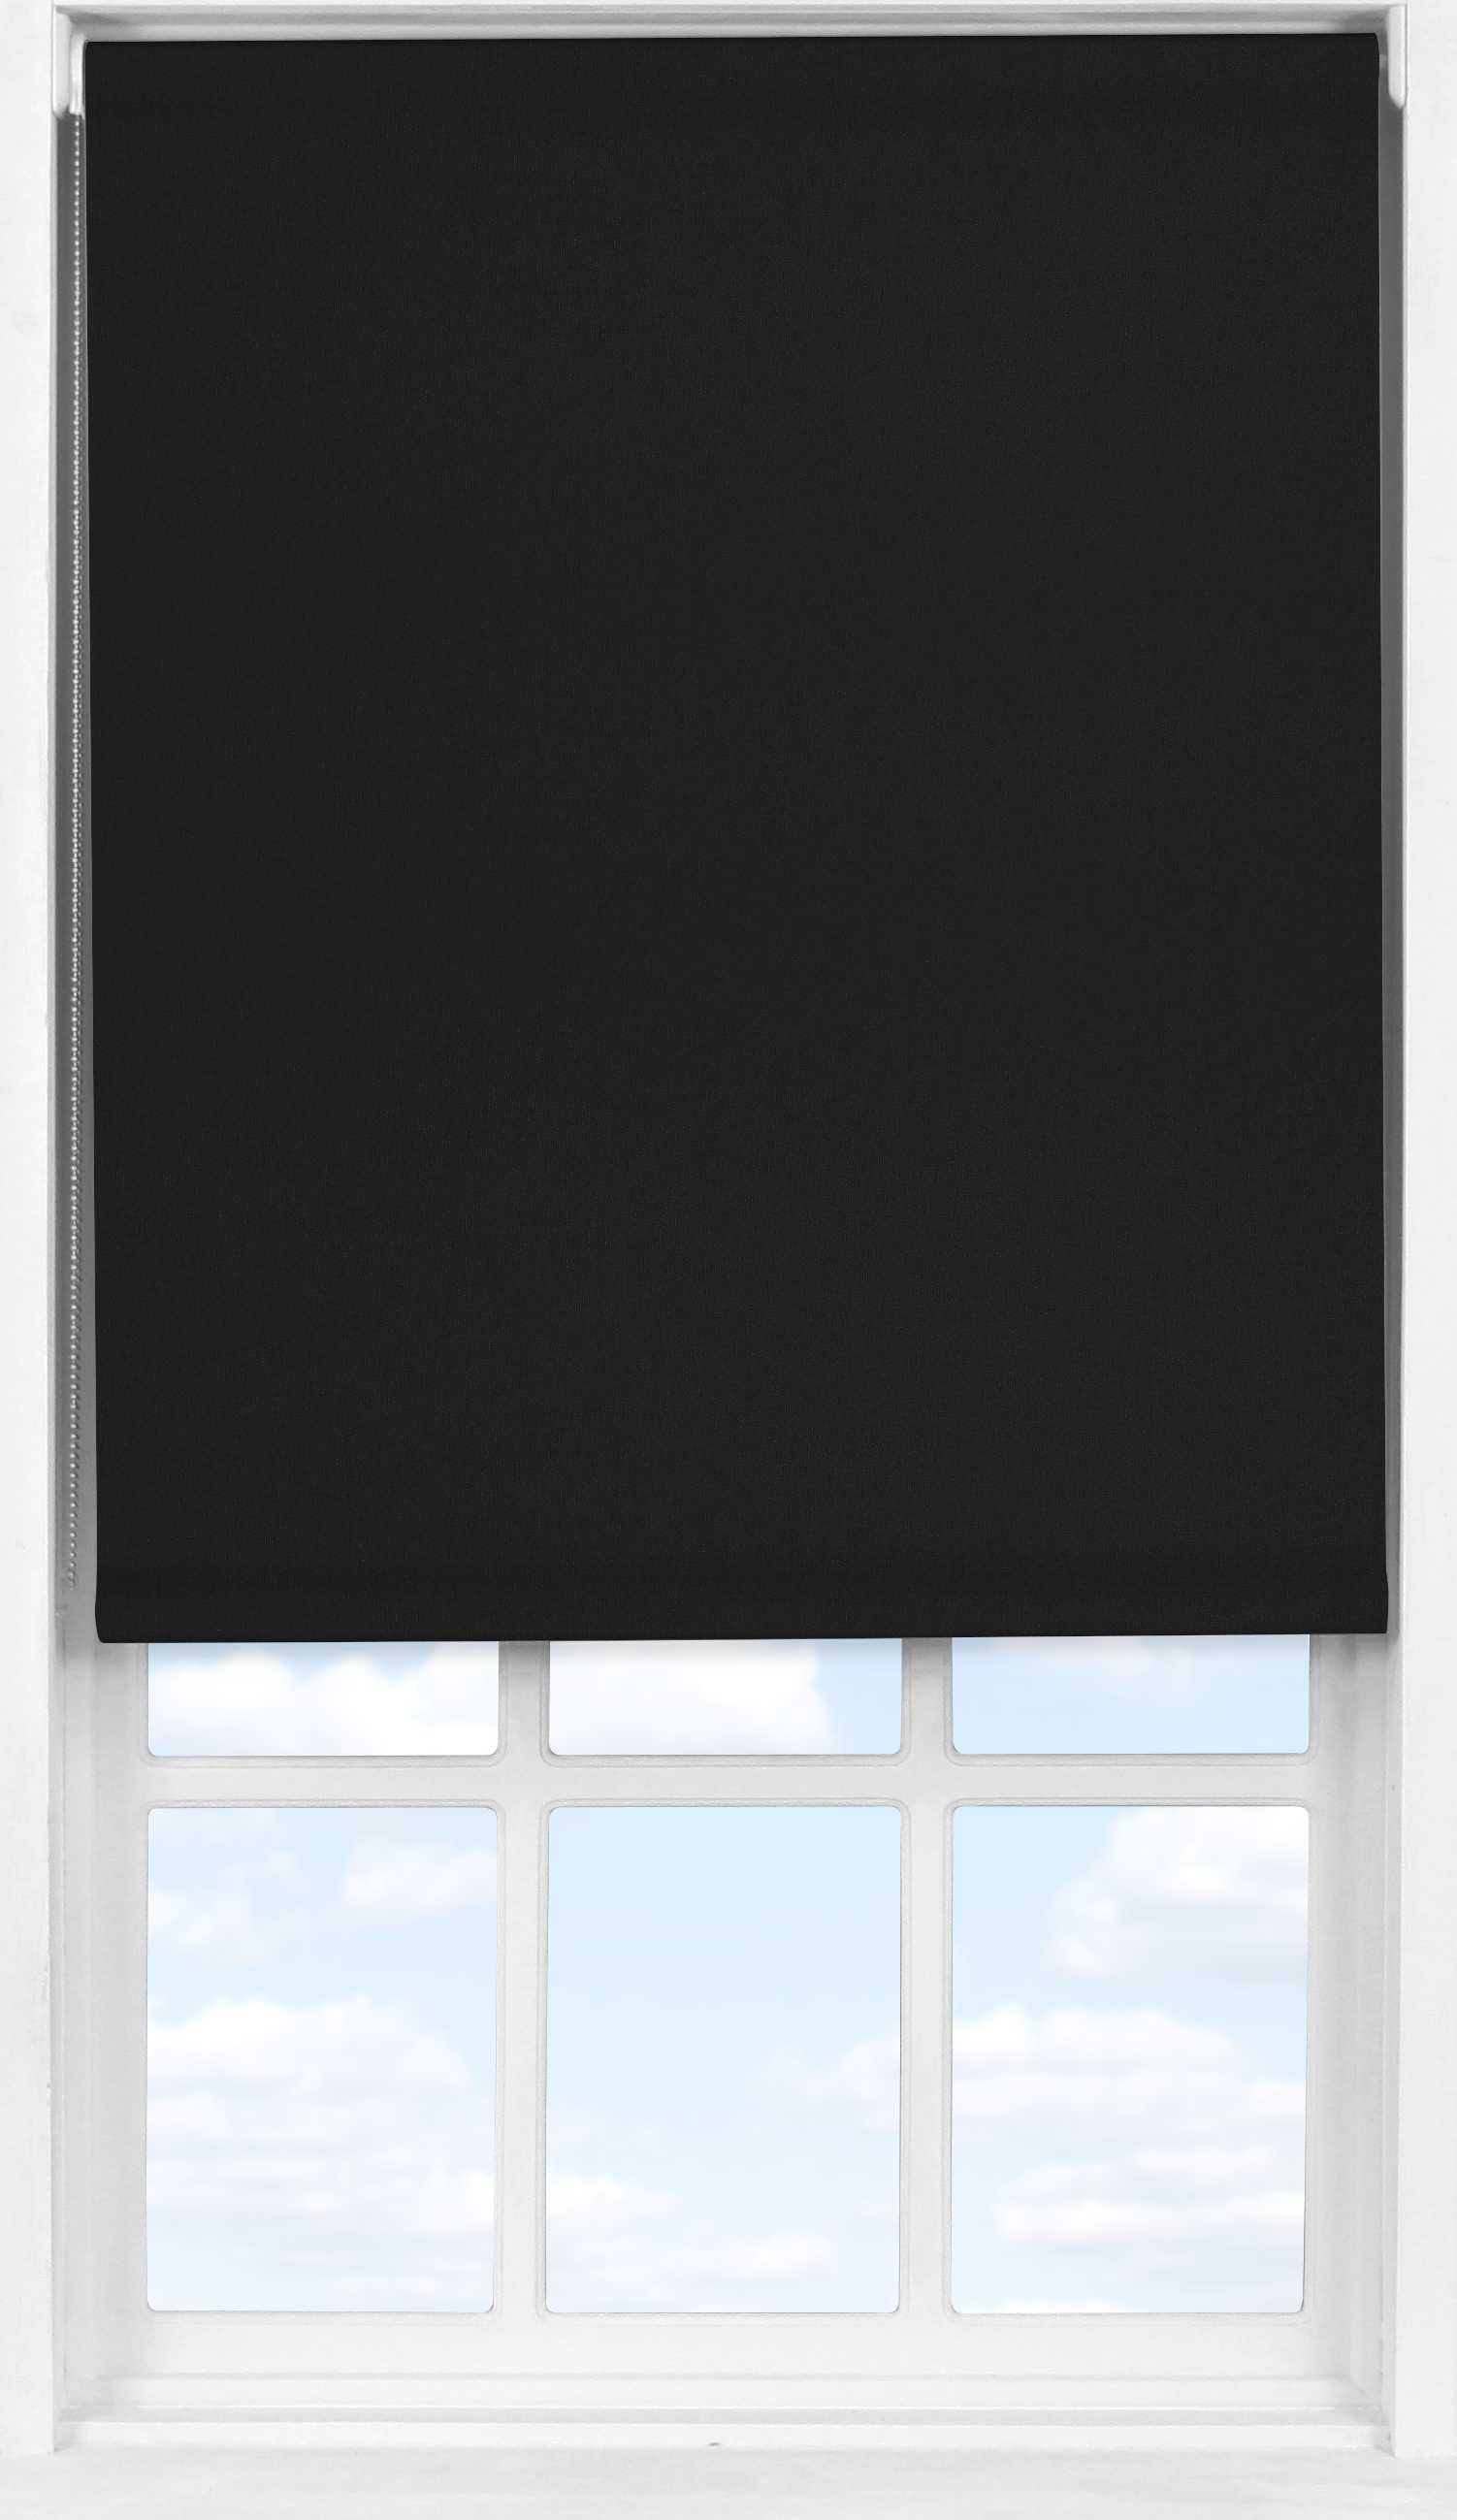 Easifit Roller Blind in Jet Black Blackout